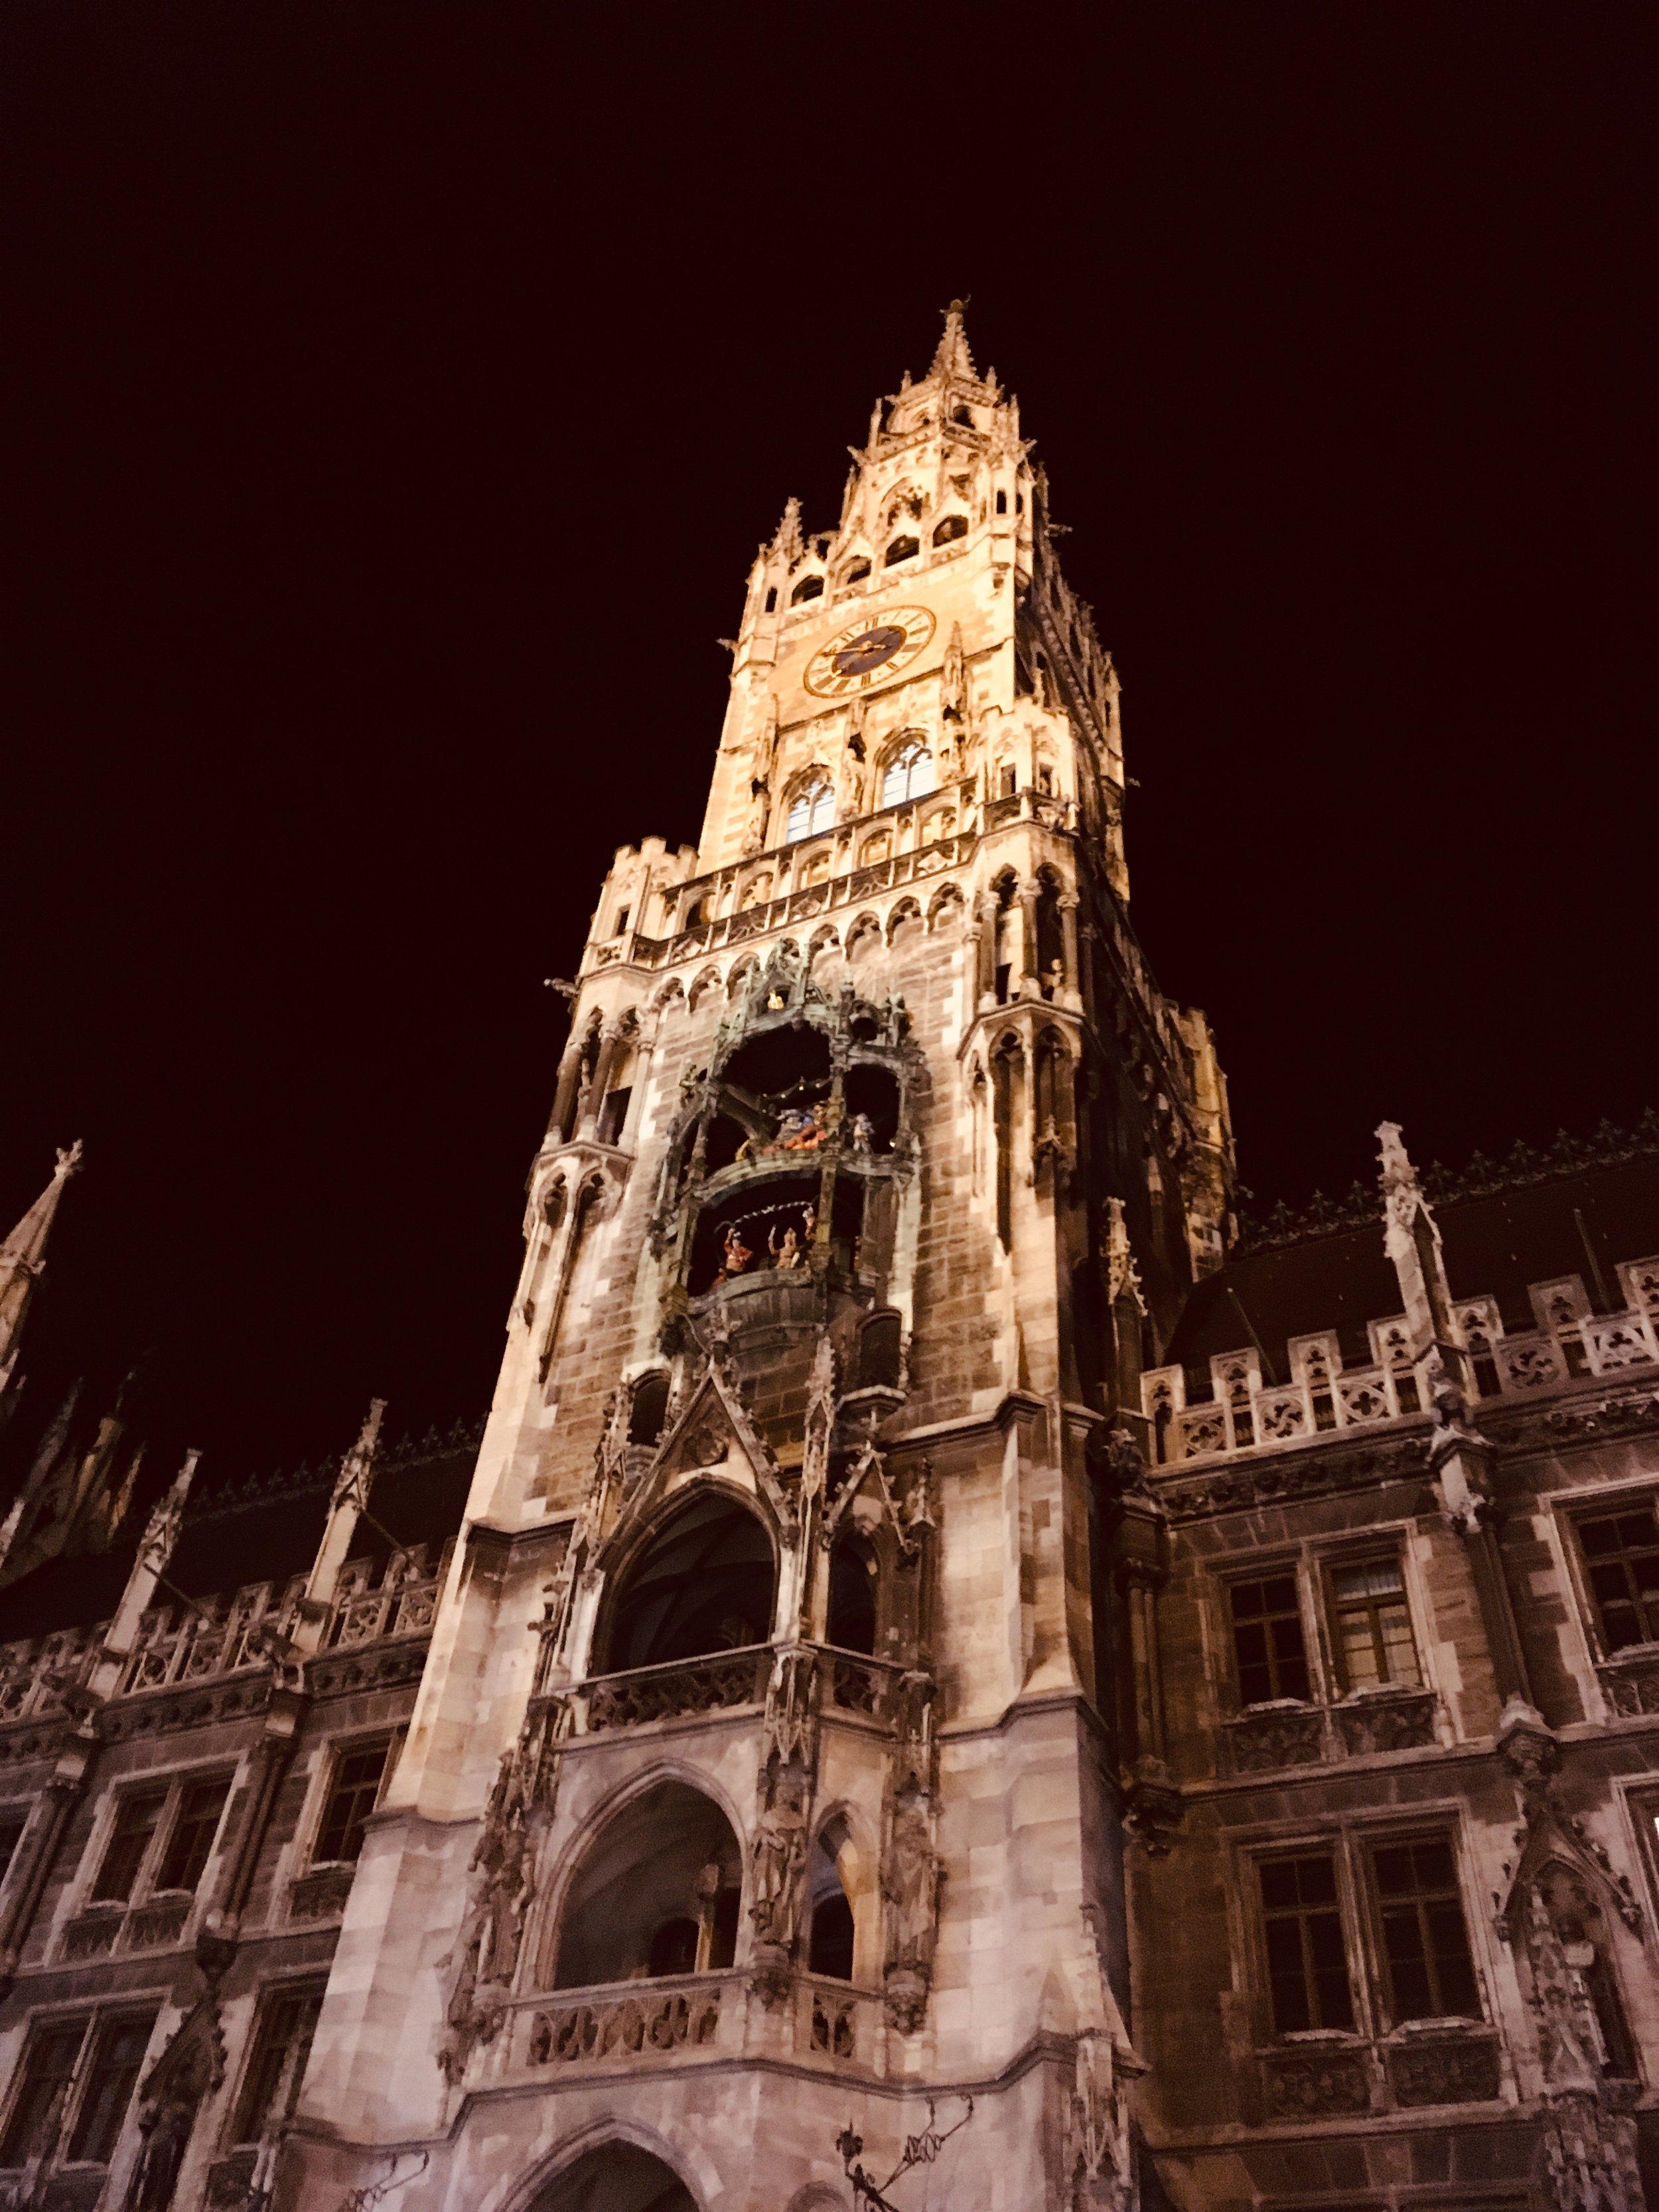 Rathaus-Glockenspiel by night in Marienplatz